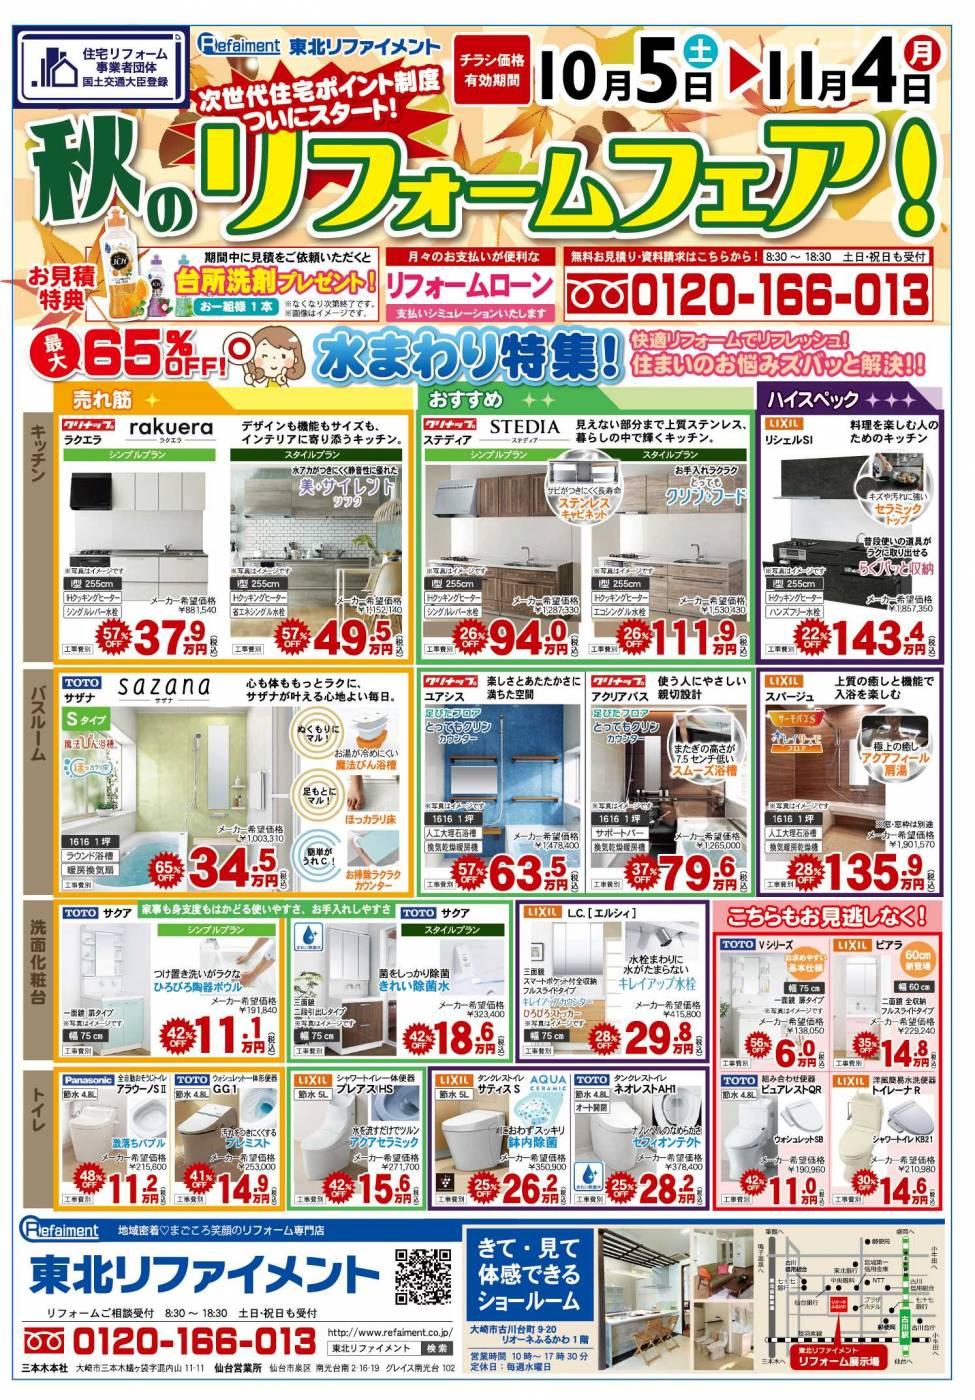 広告(2019_10_05~) 秋リフォームフェア B4 OTL 表